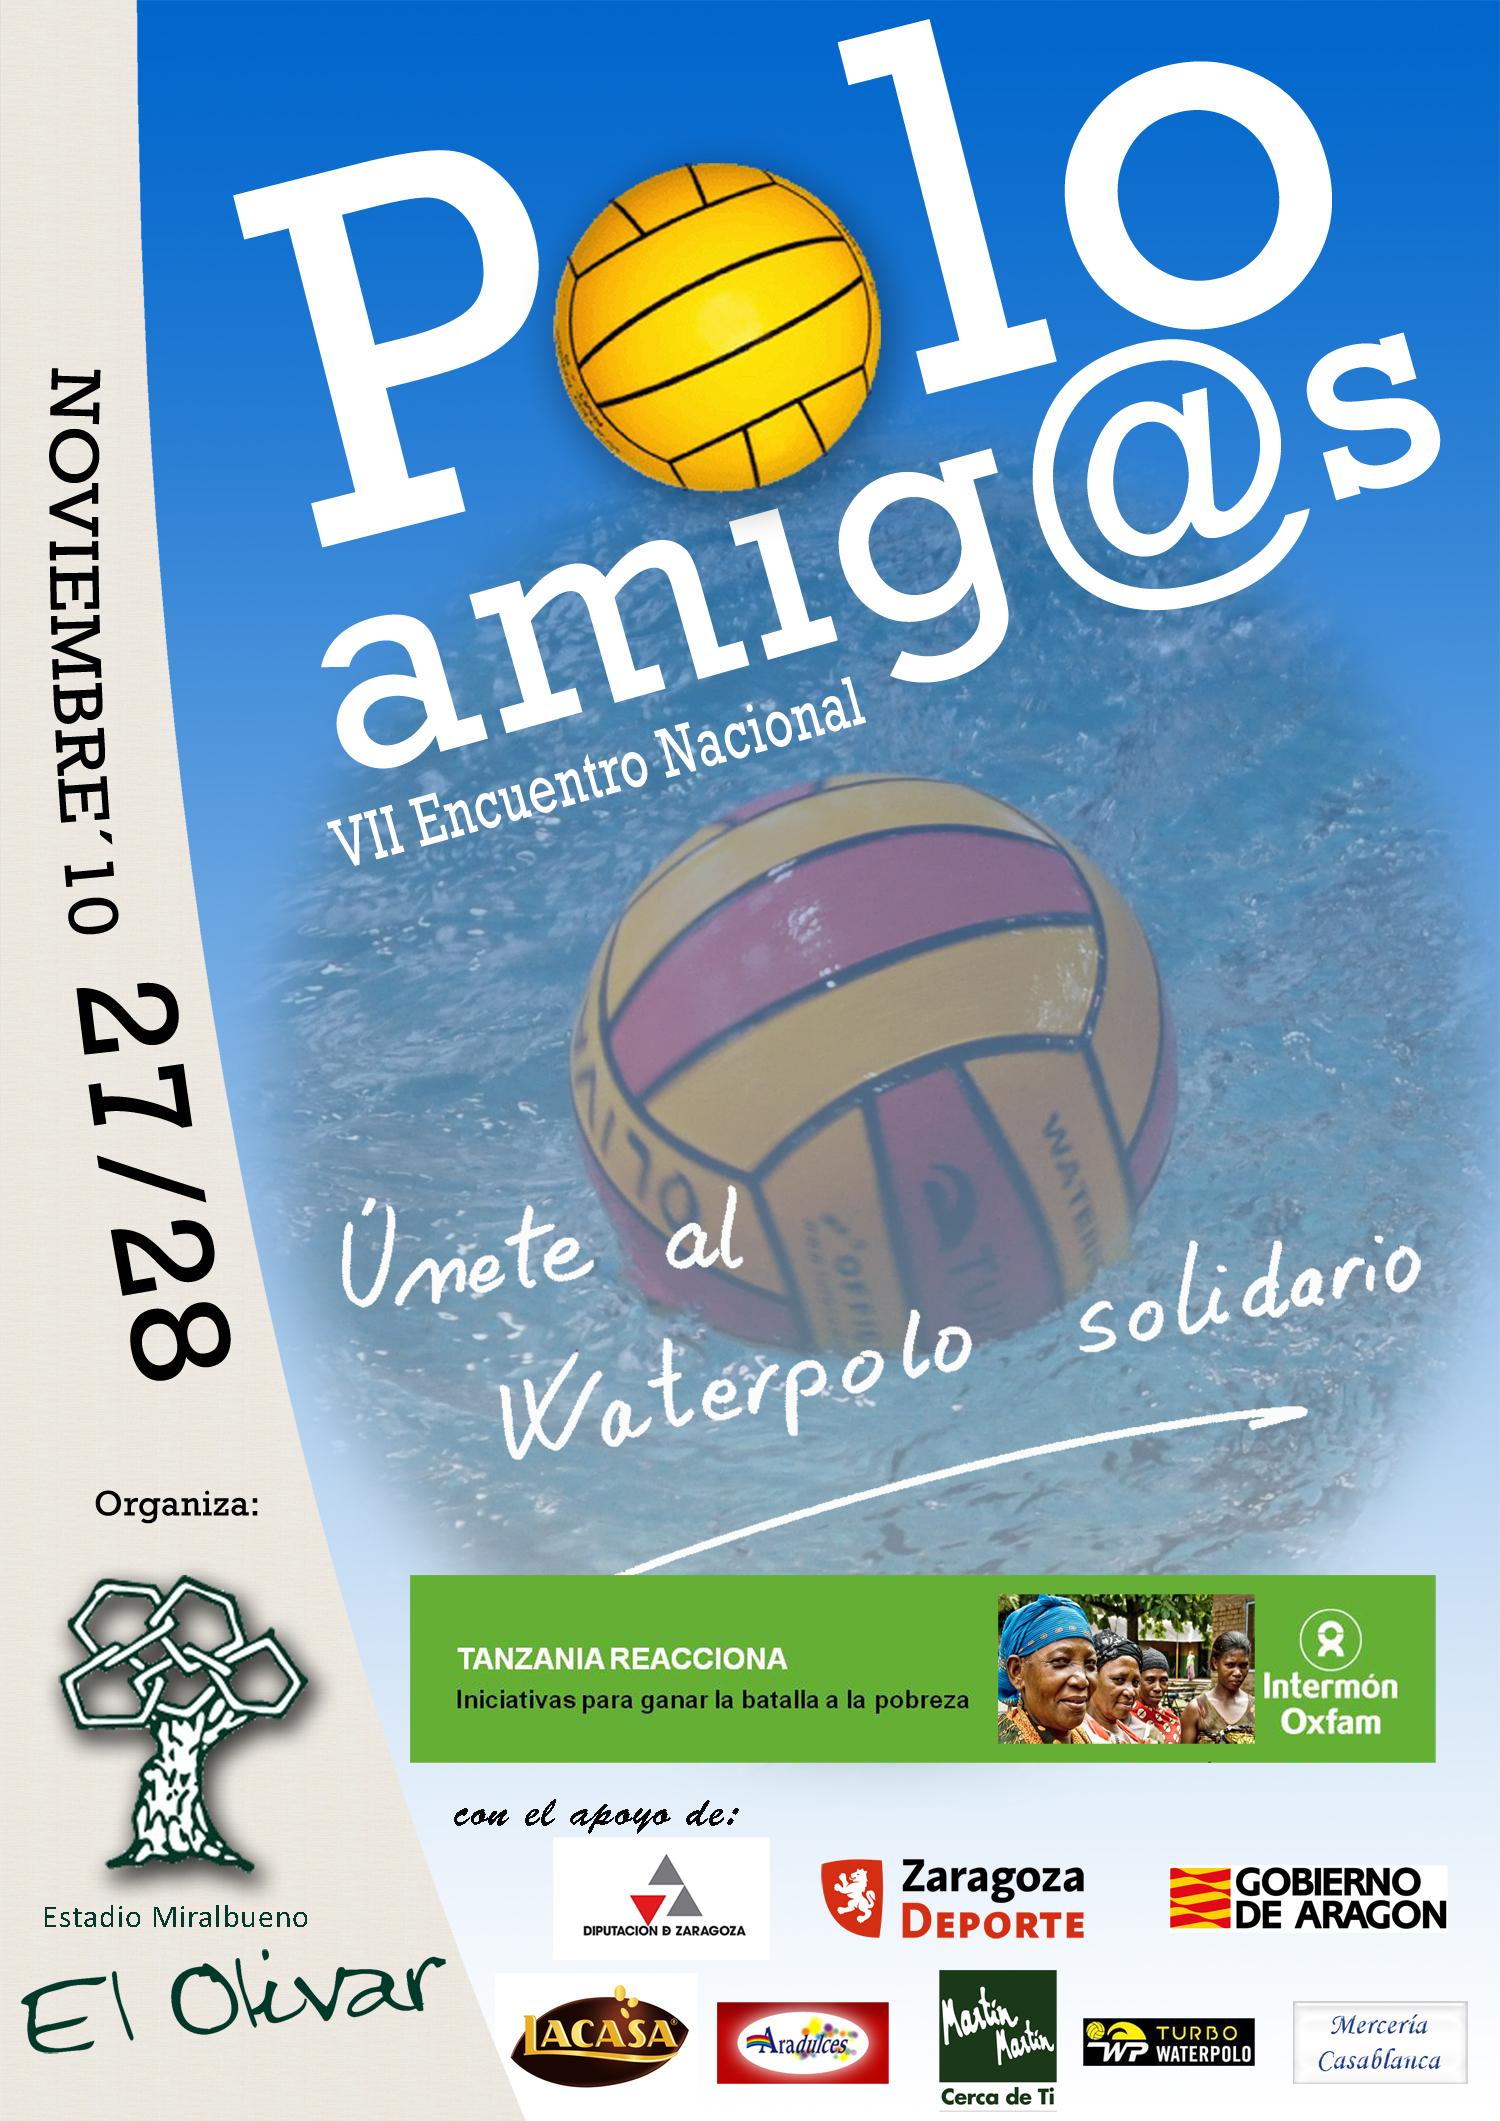 poloamigos_2010